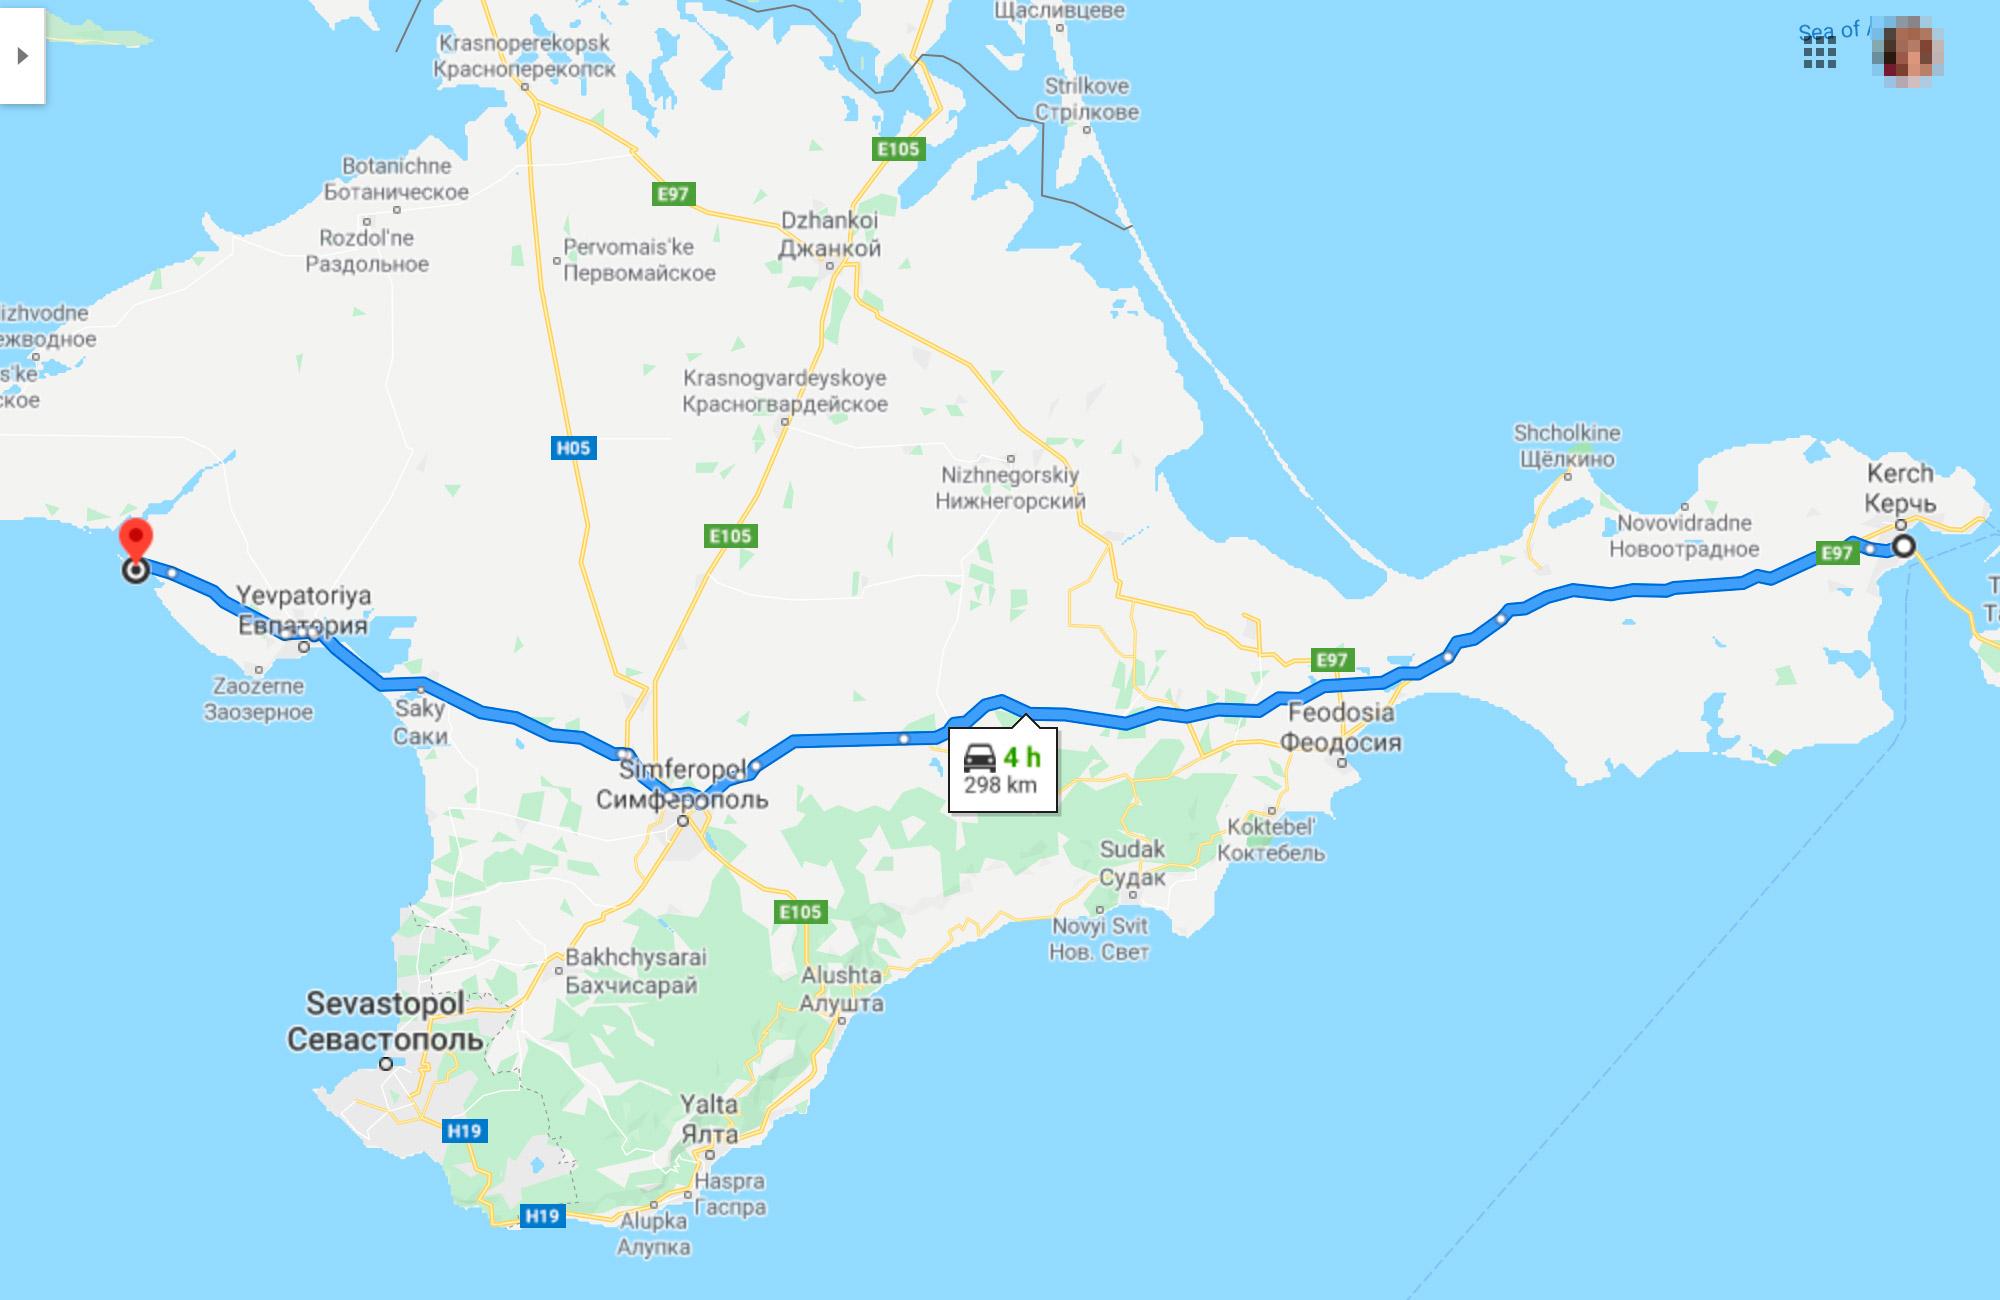 Наш путь через Крым до первой точки маршрута не проходил вдоль моря. Мы ехали более прямой и короткой дорогой